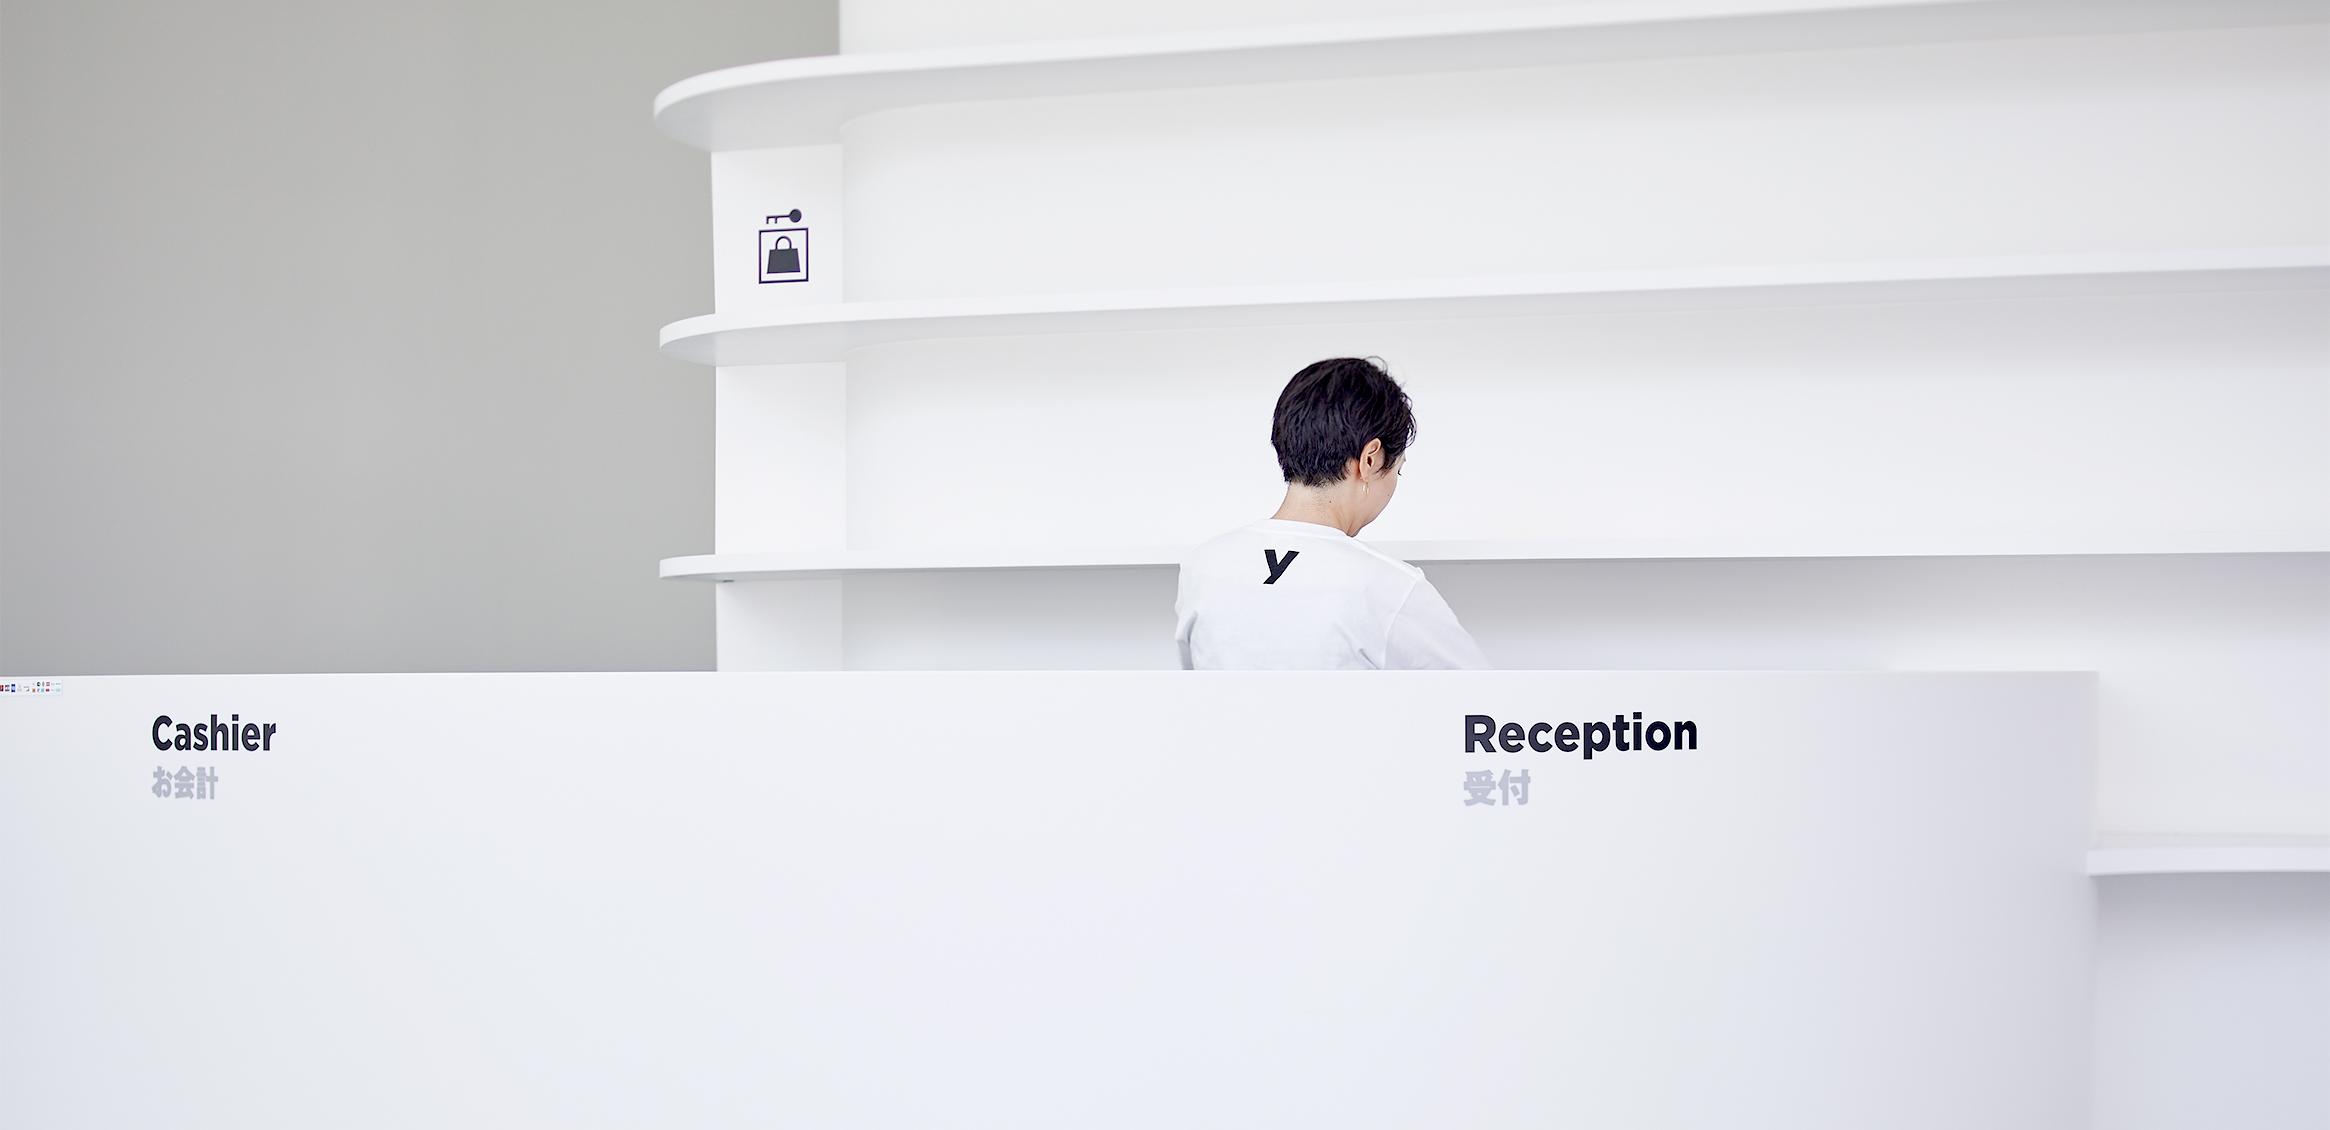 草间弥生美术馆 指示牌设计2枚目